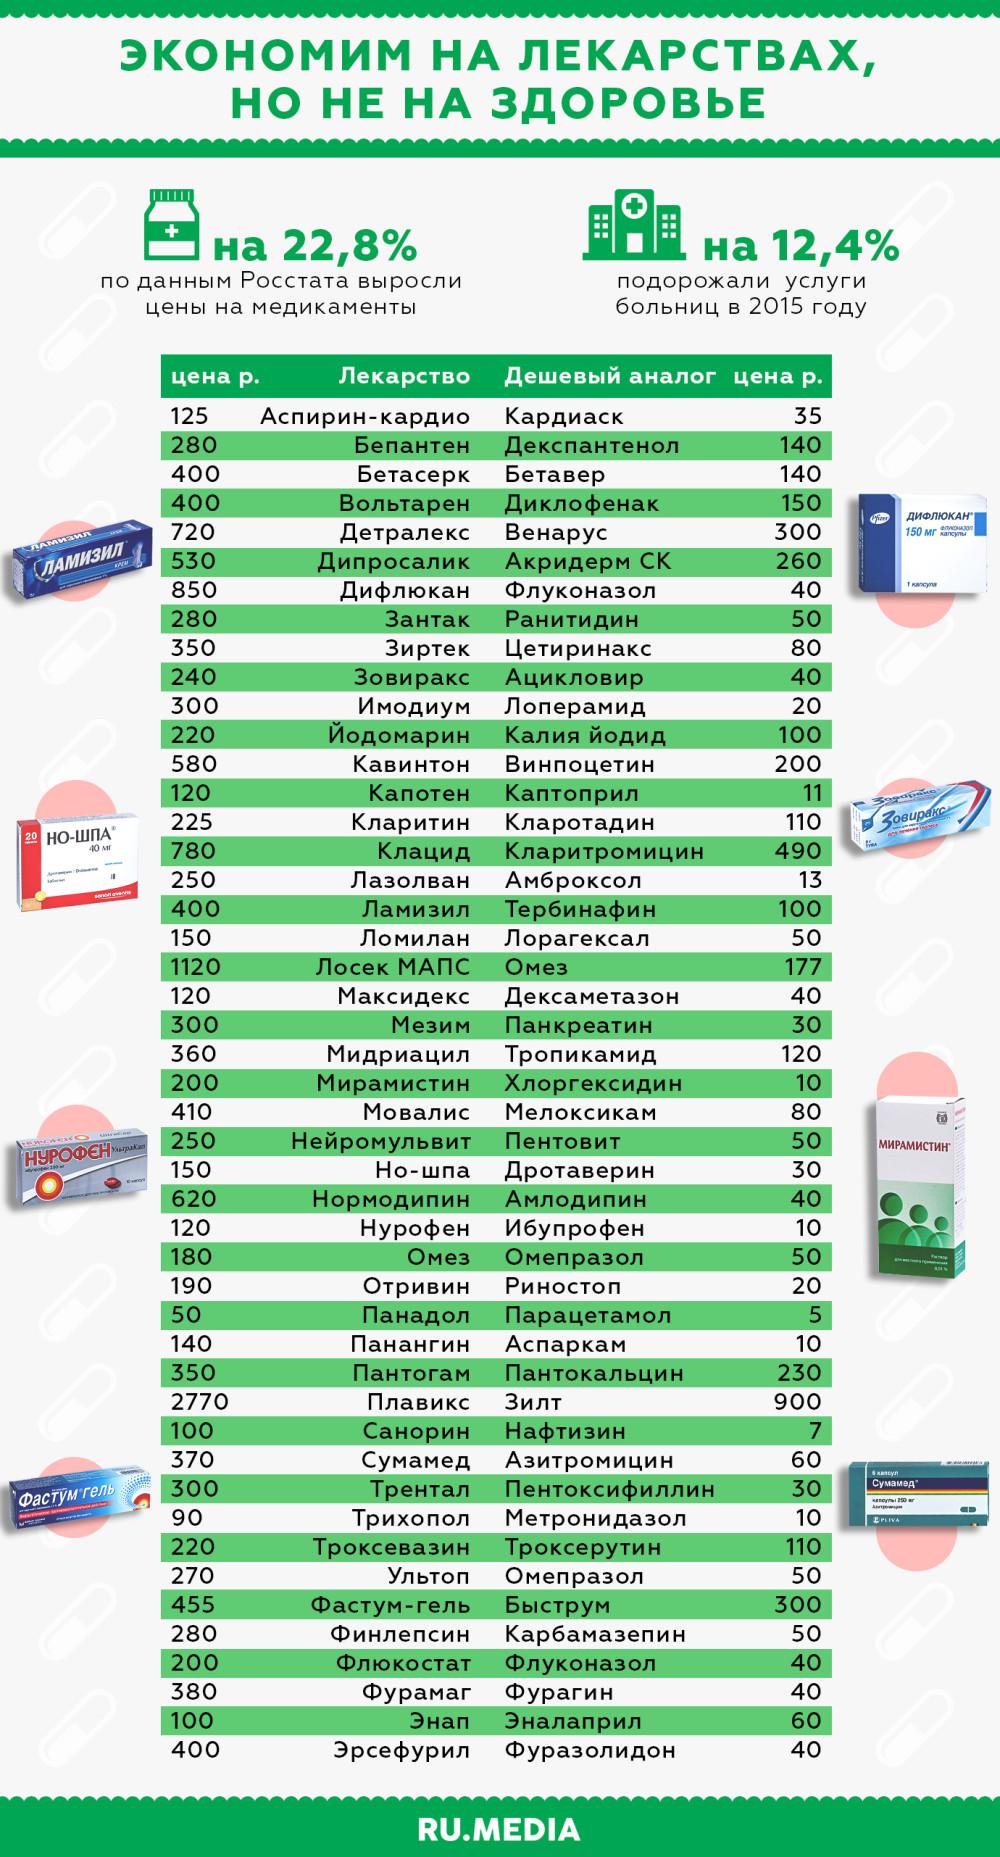 Дешёвые аналоги лекарств